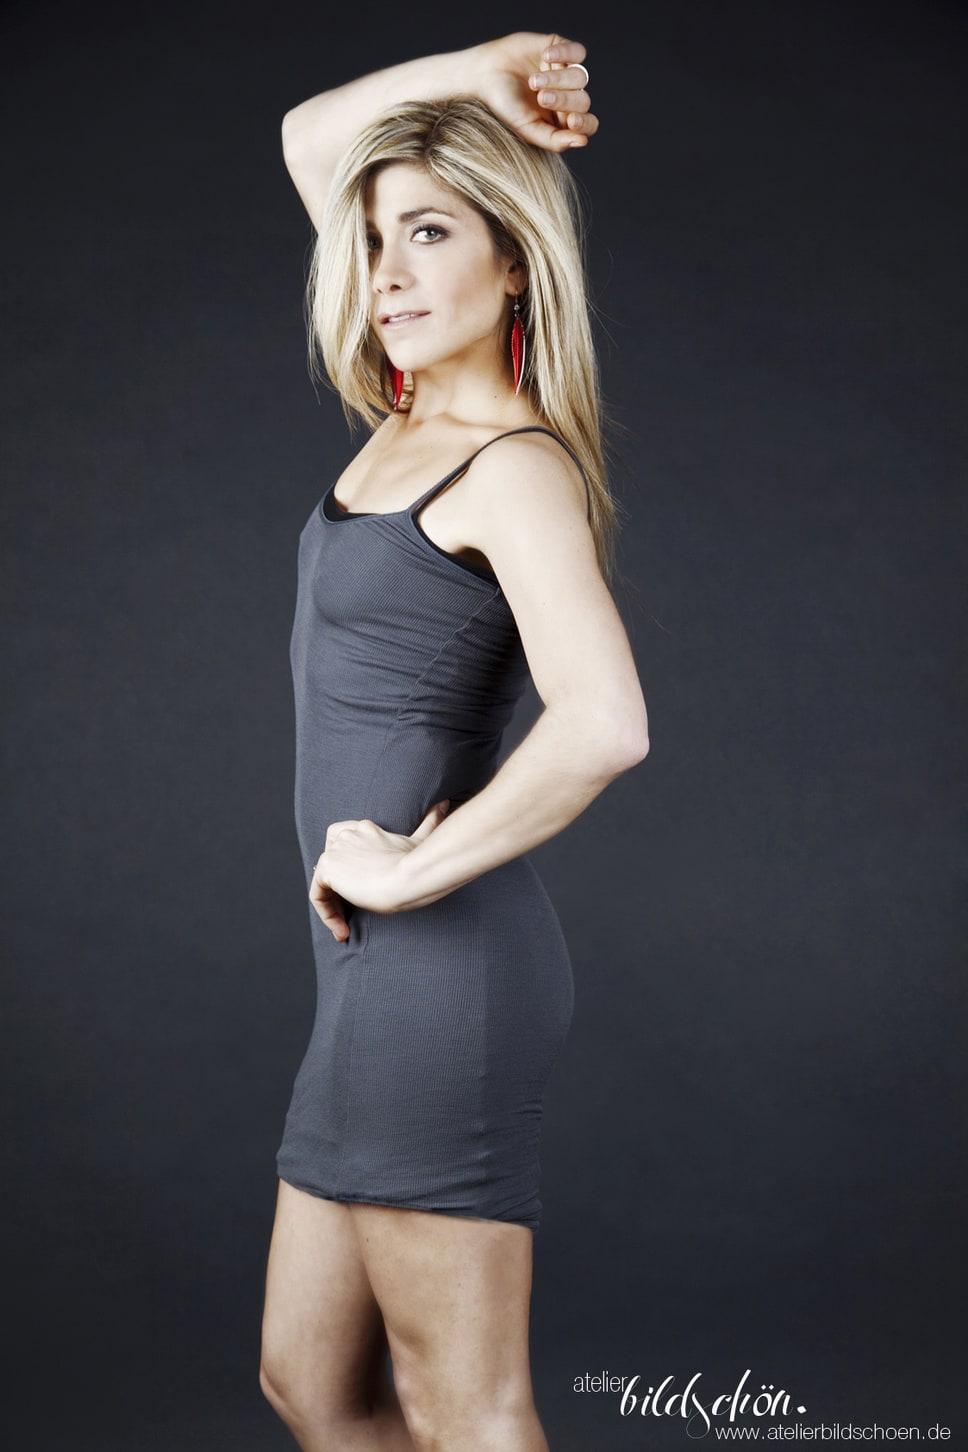 Picture of Panagiota Petridou